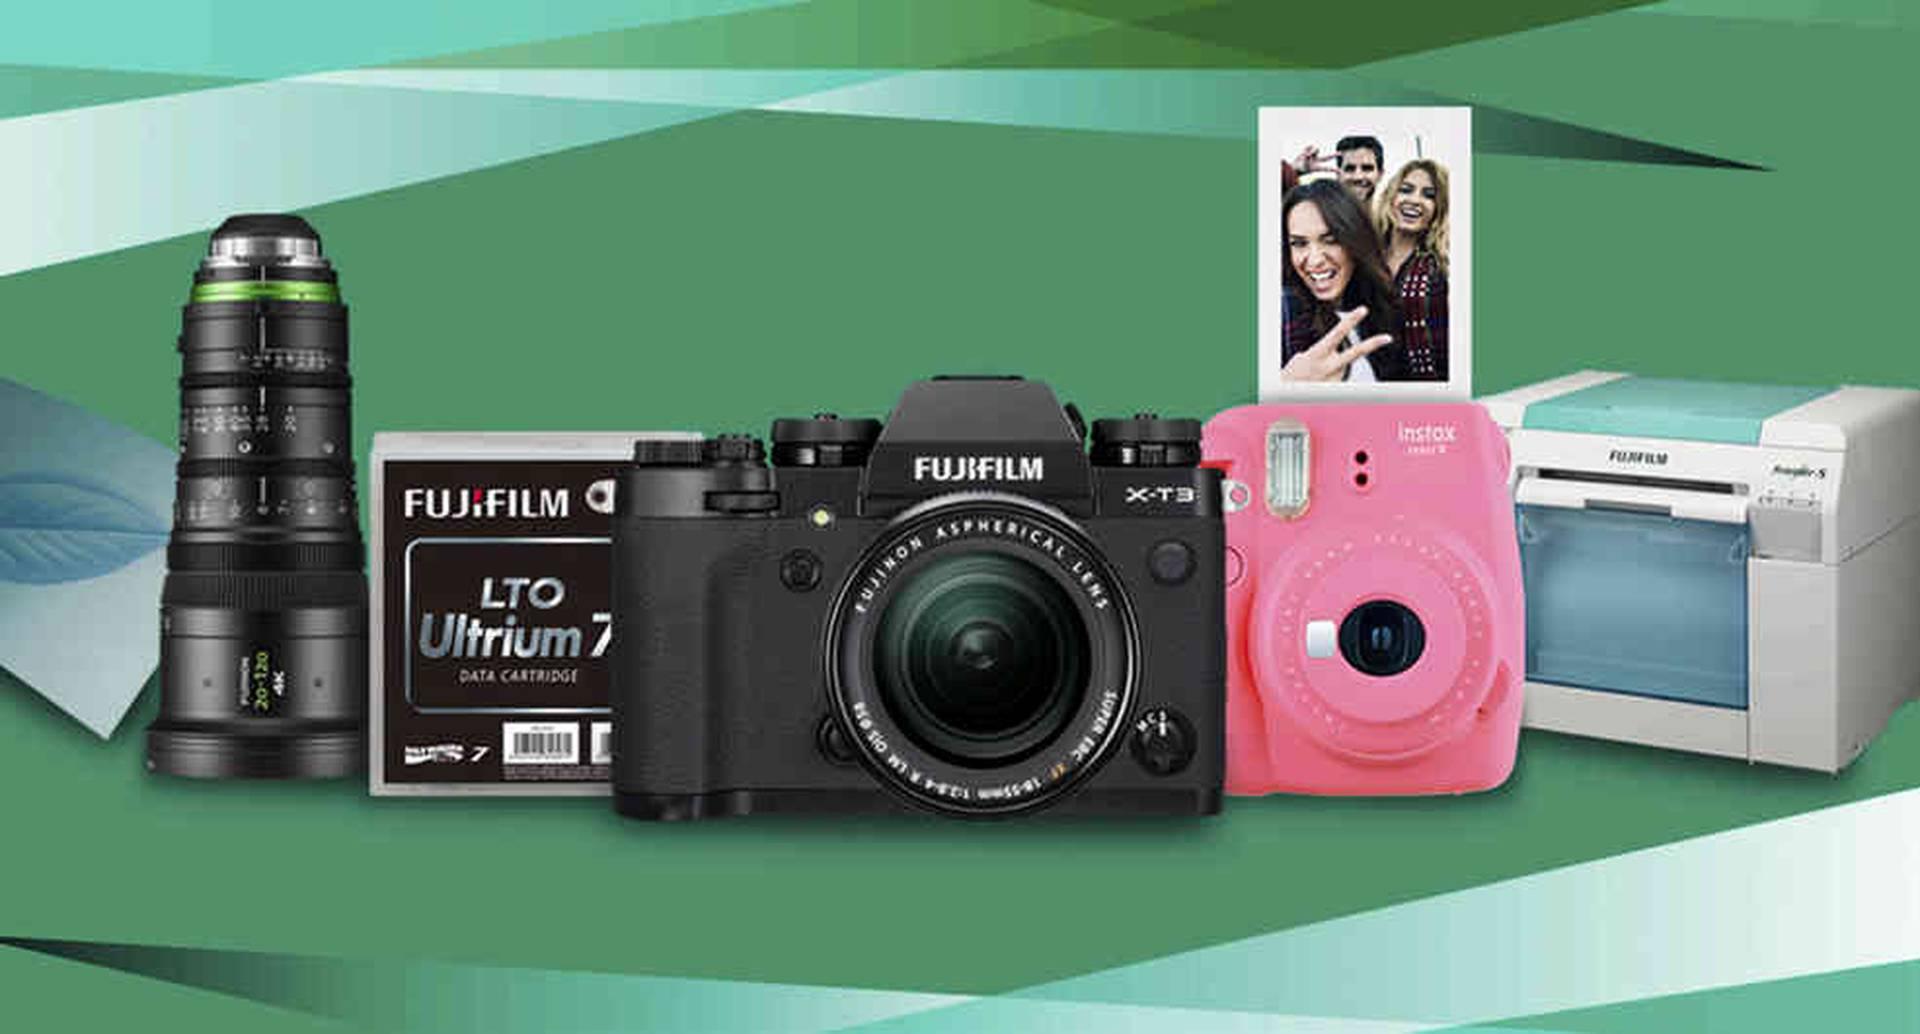 La línea de cámaras y lentes profesionales conservan una apariencia retro e incorporan tecnologías como la mirrorless y la 4k.